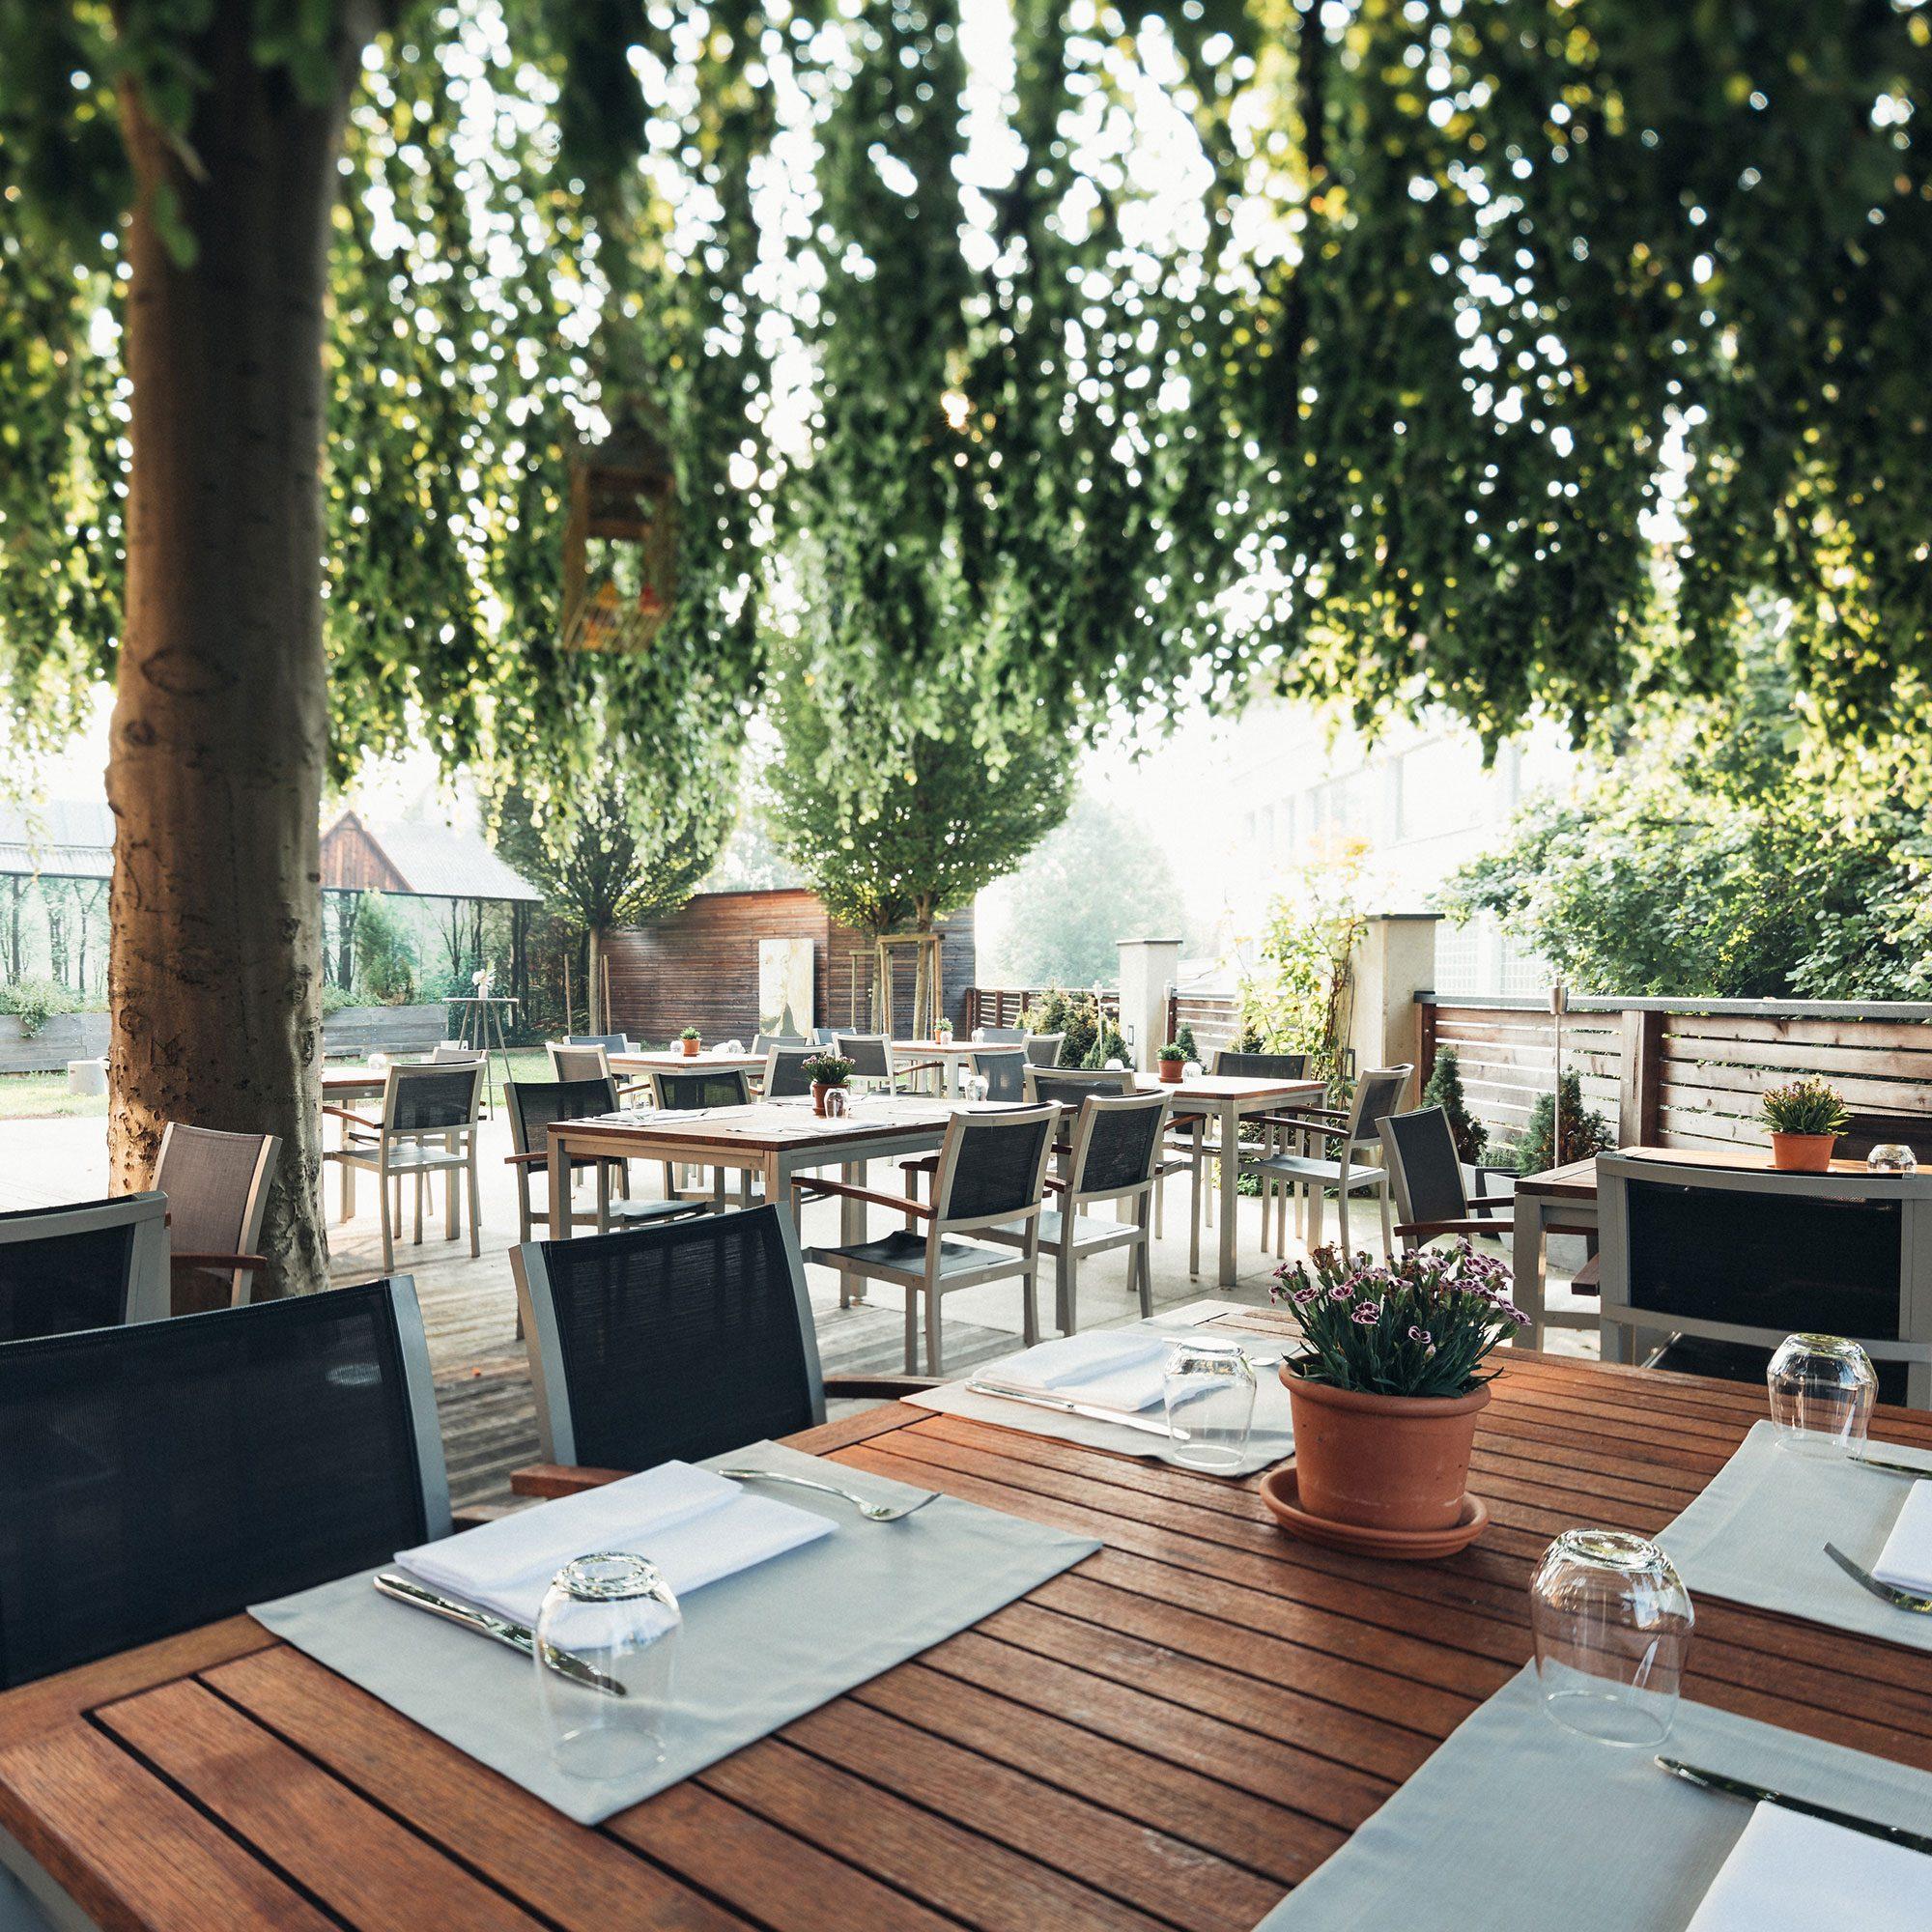 HOTEL_Gastgarten_002_2000x2000